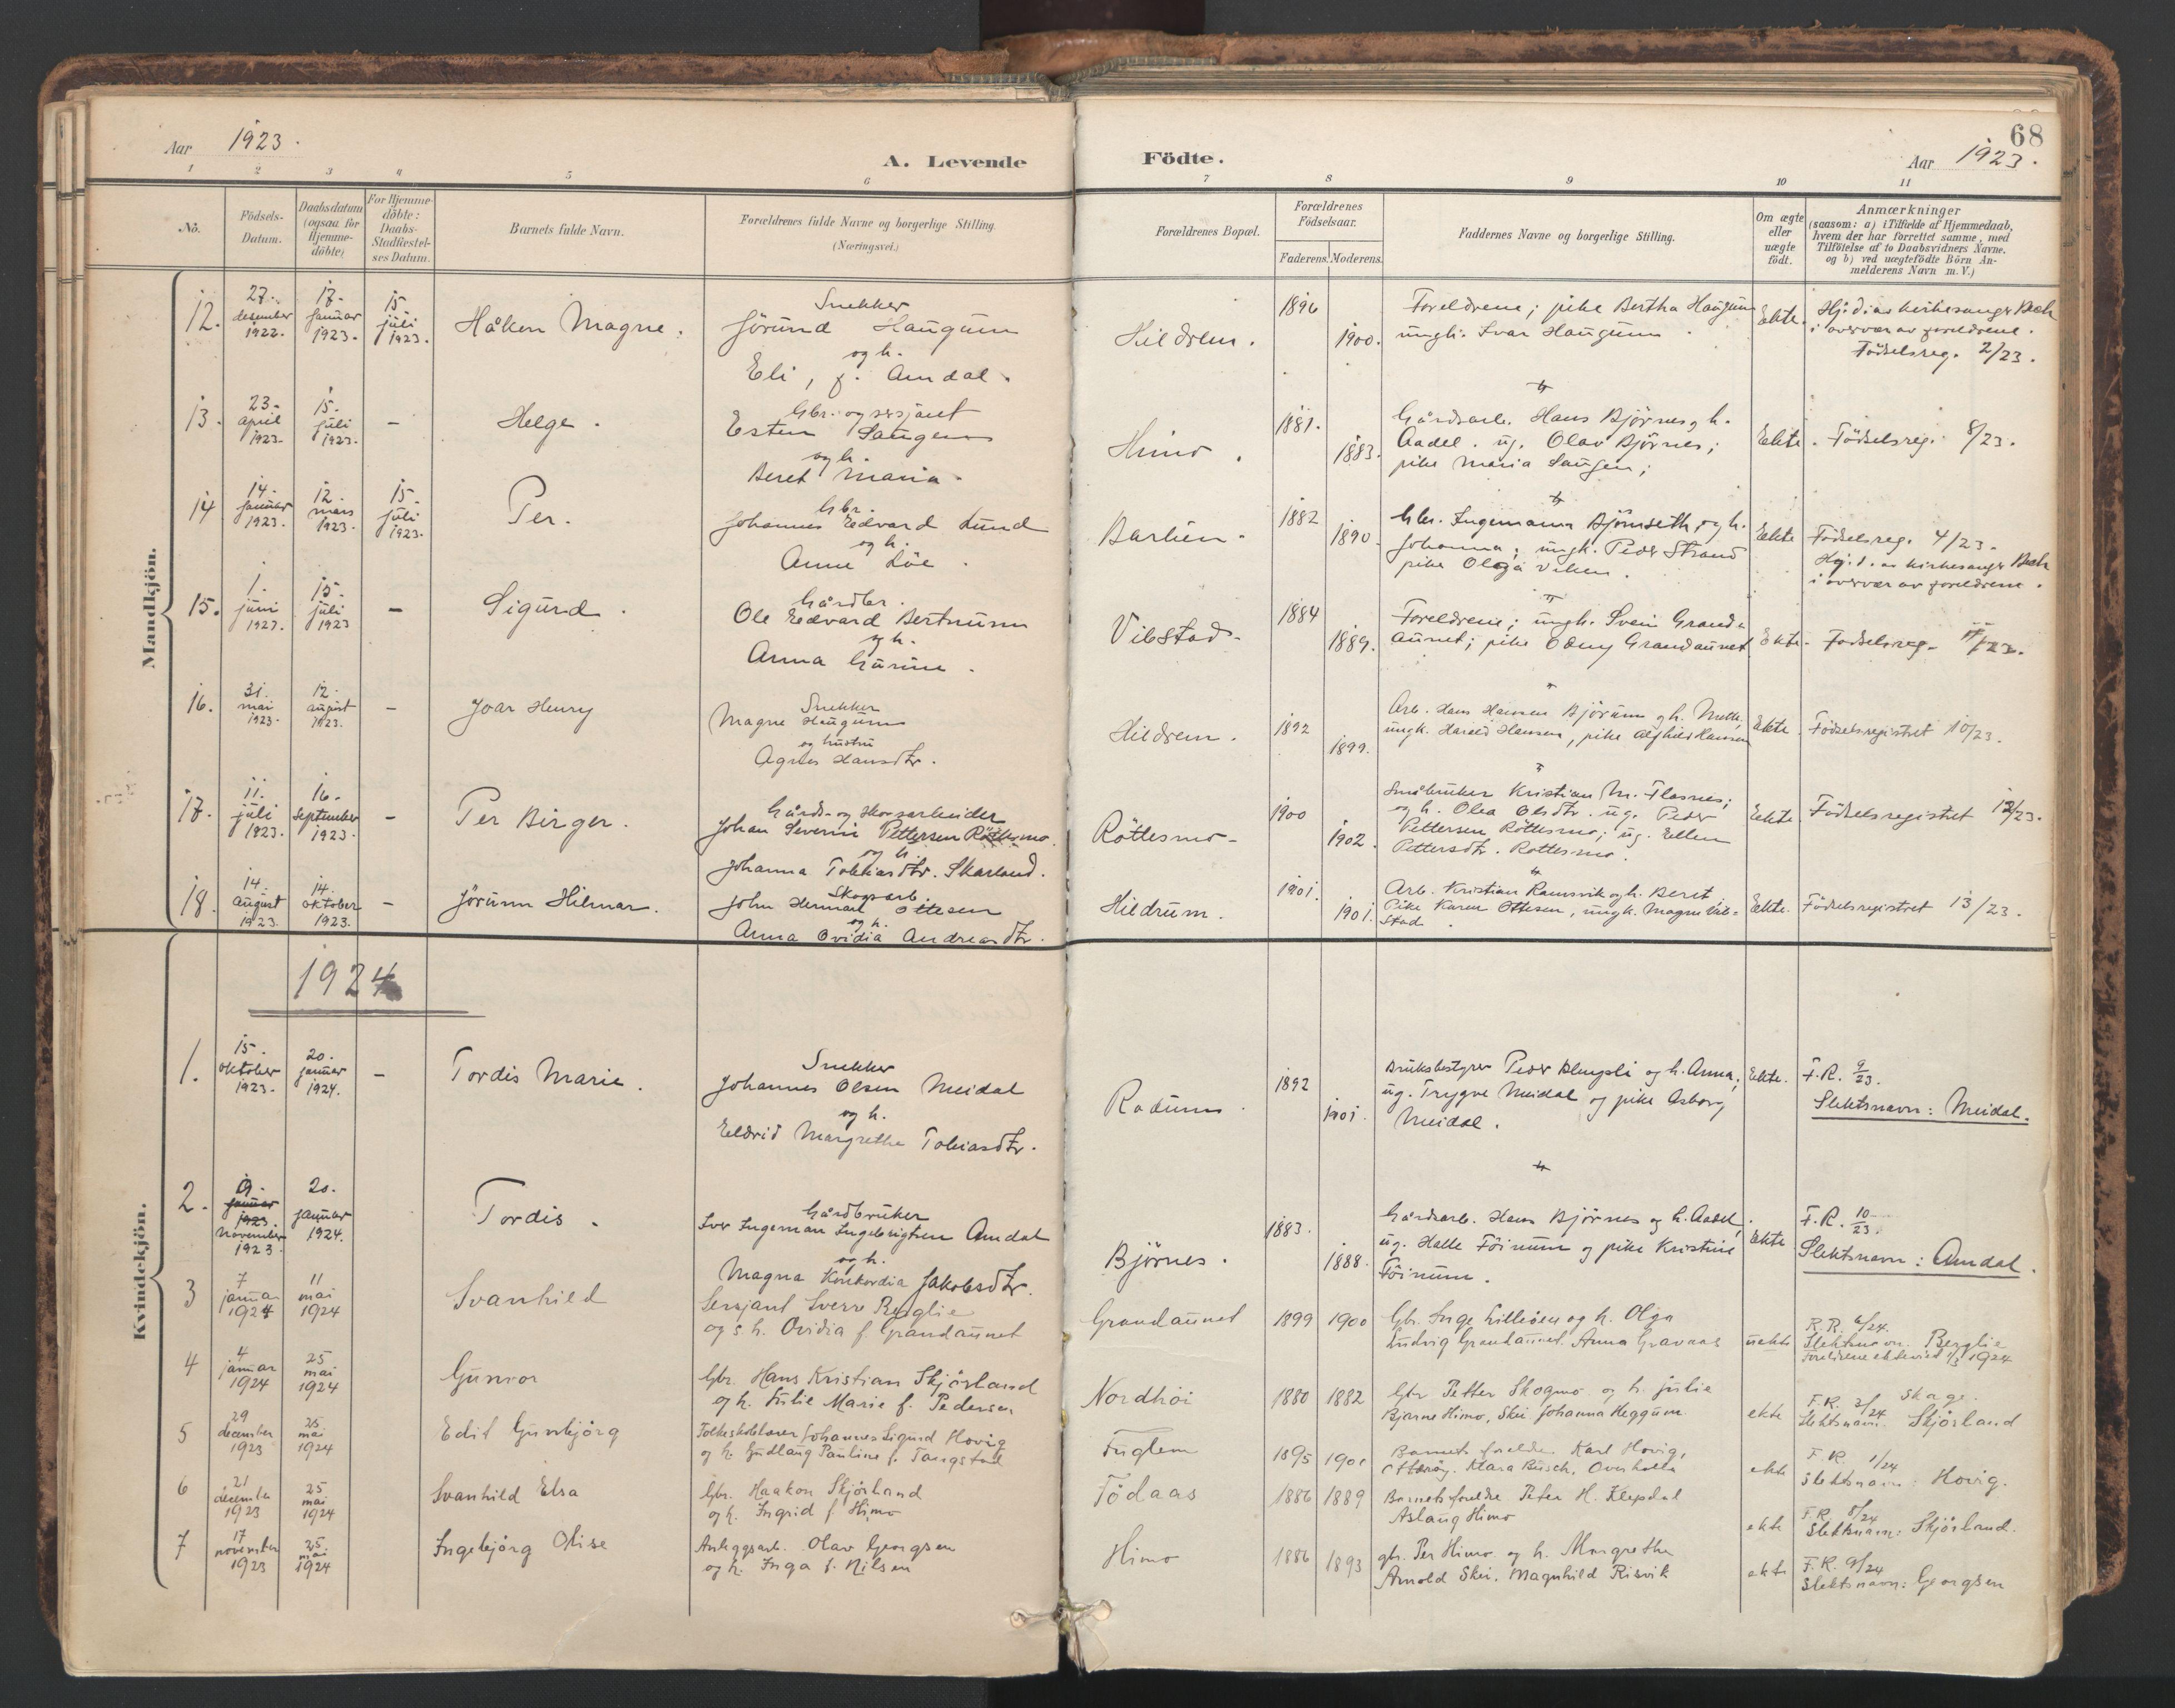 SAT, Ministerialprotokoller, klokkerbøker og fødselsregistre - Nord-Trøndelag, 764/L0556: Ministerialbok nr. 764A11, 1897-1924, s. 68